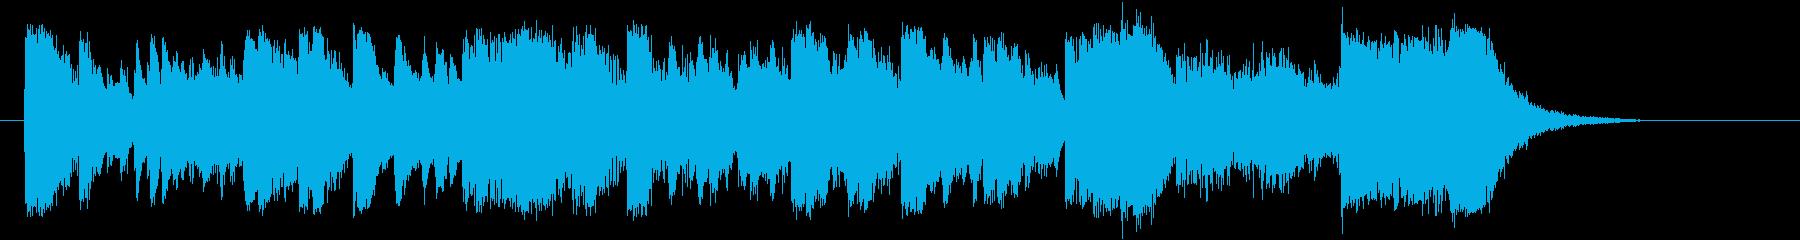 盛大で勢いあるオーケストラジングルの再生済みの波形